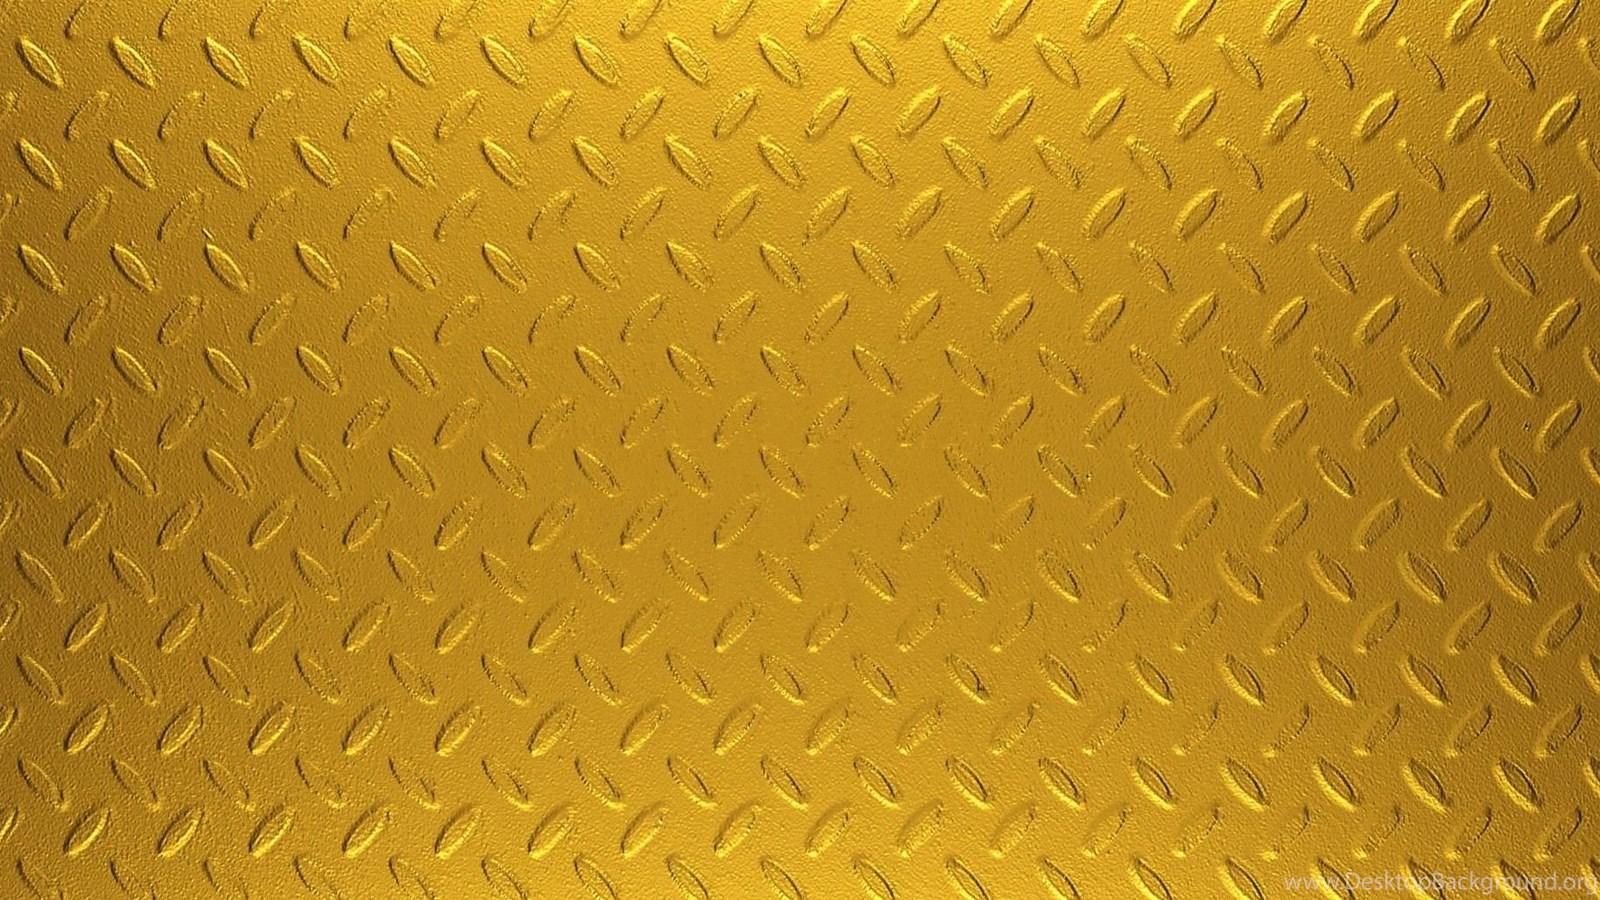 Download Wallpapers Metal Gold Metallic Steel Plate Texture